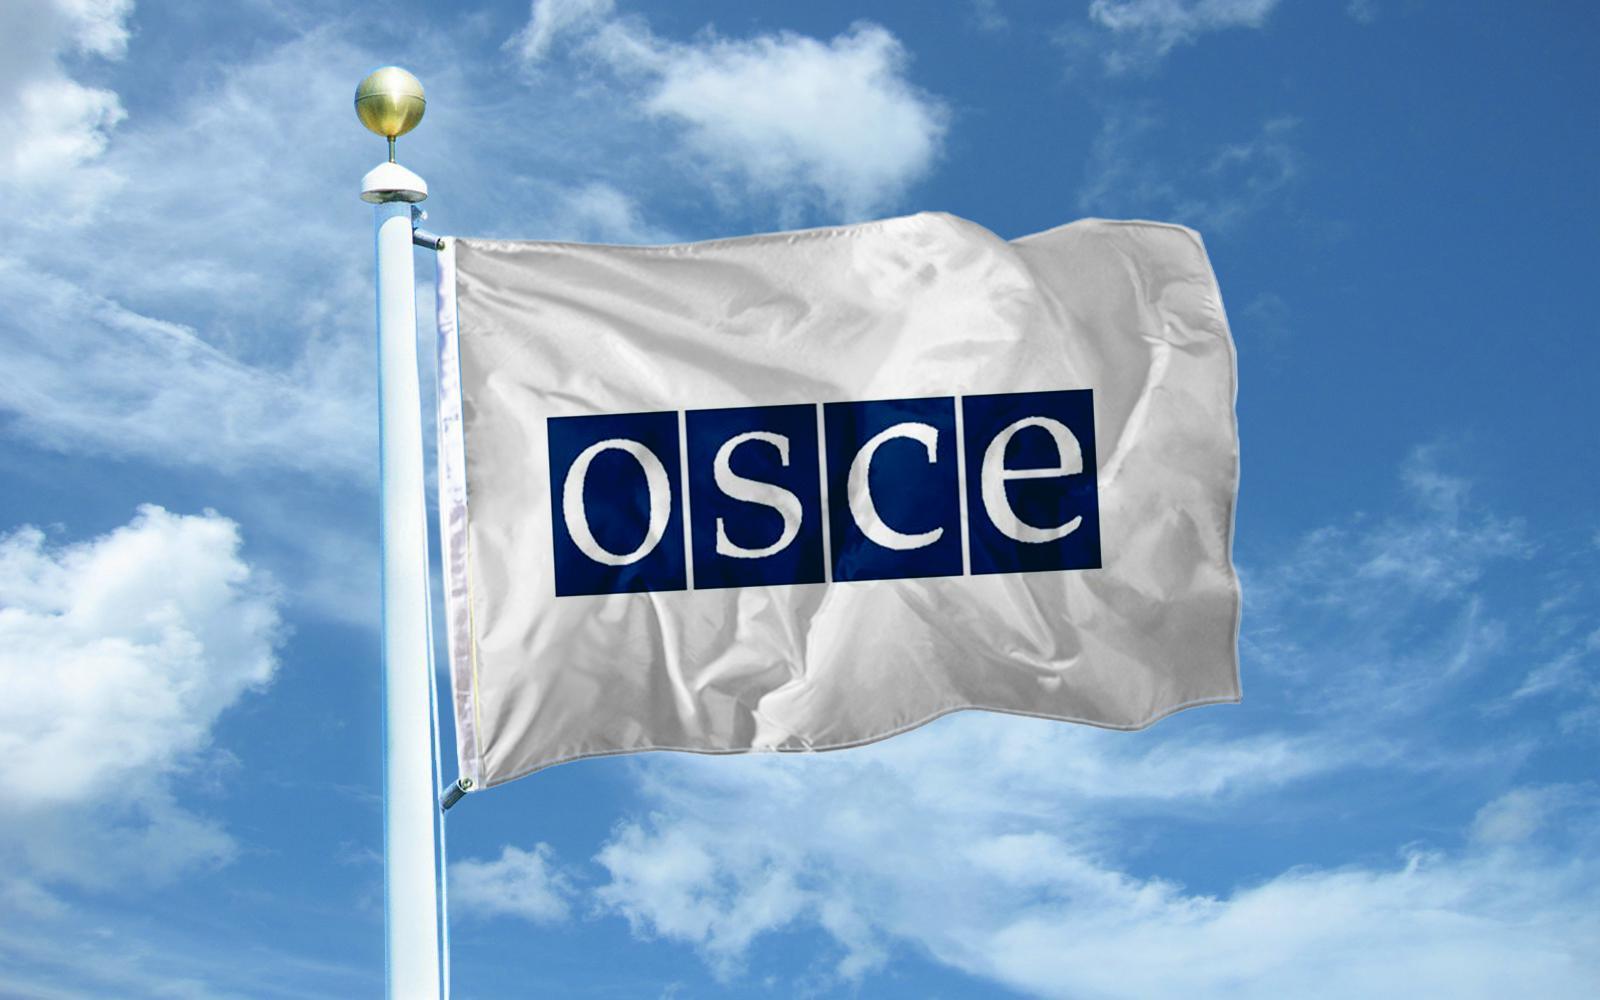 Отчет: ОБСЕ продолжает прилагать усилия для мирного урегулирования карабахского конфликта